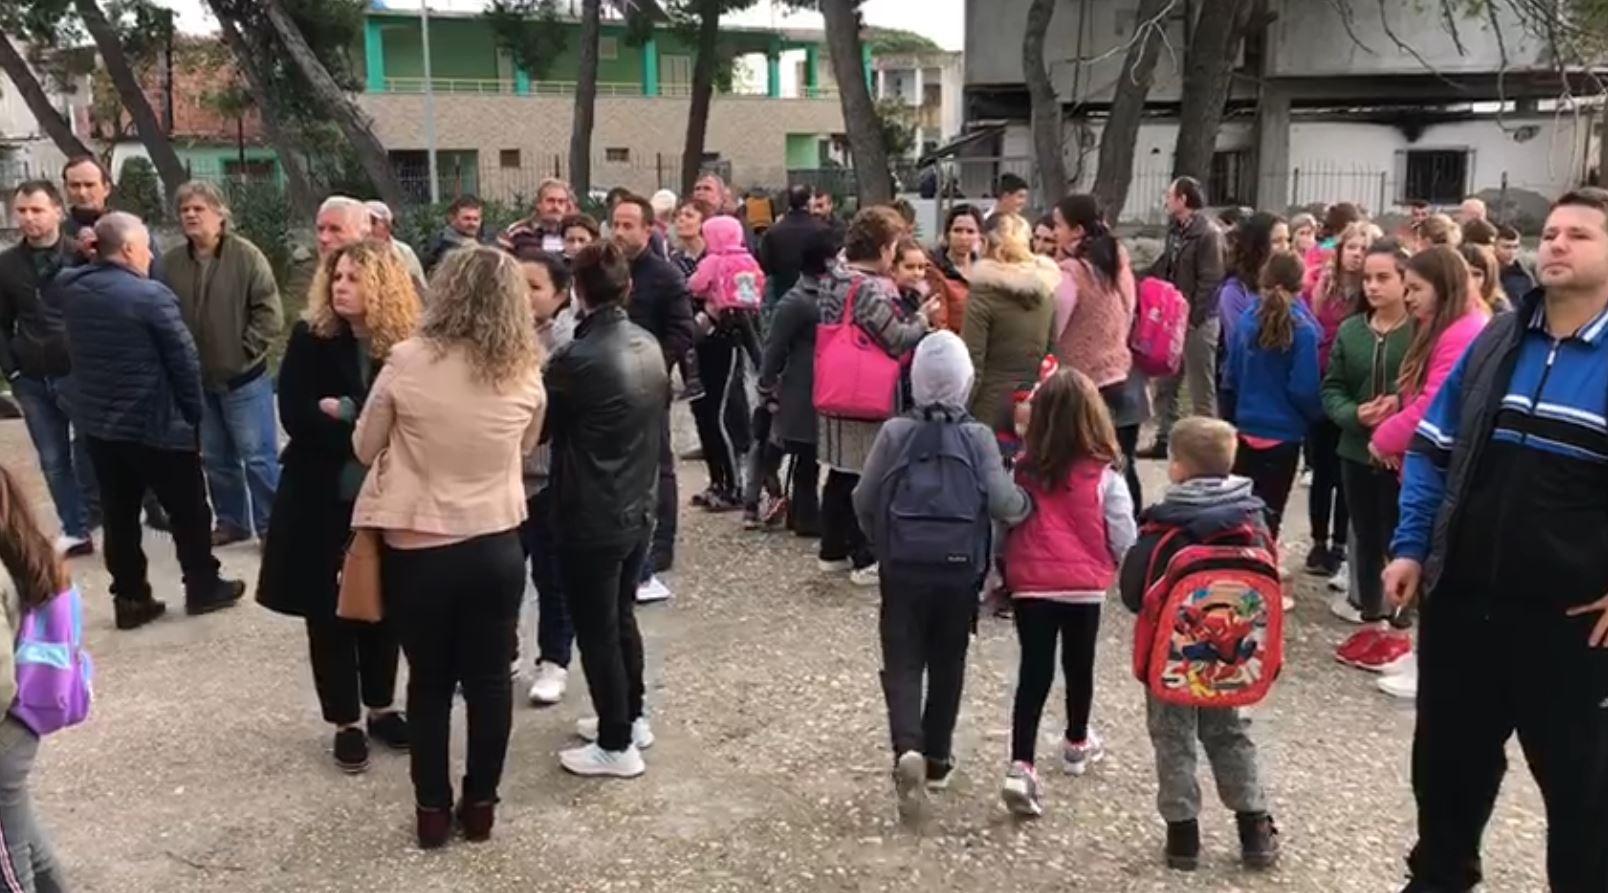 Shkolla 9-vjeçare e amortizuar në Fier, nxënësit trasferohen 4 km larg banesës